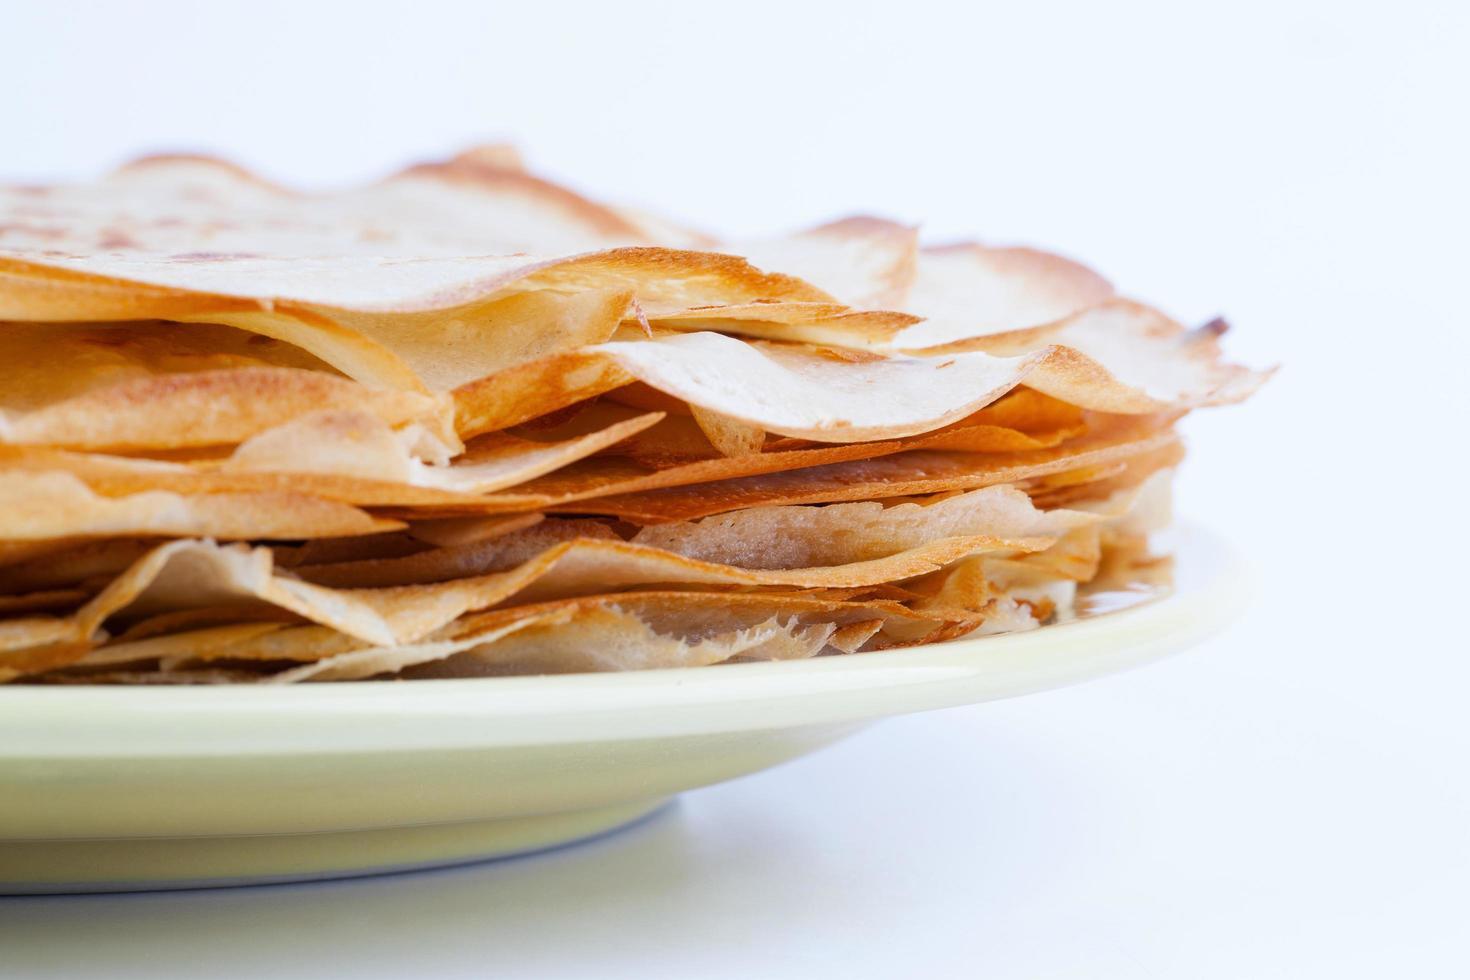 bunt pannkakor ligger på den keramiska tallriken foto